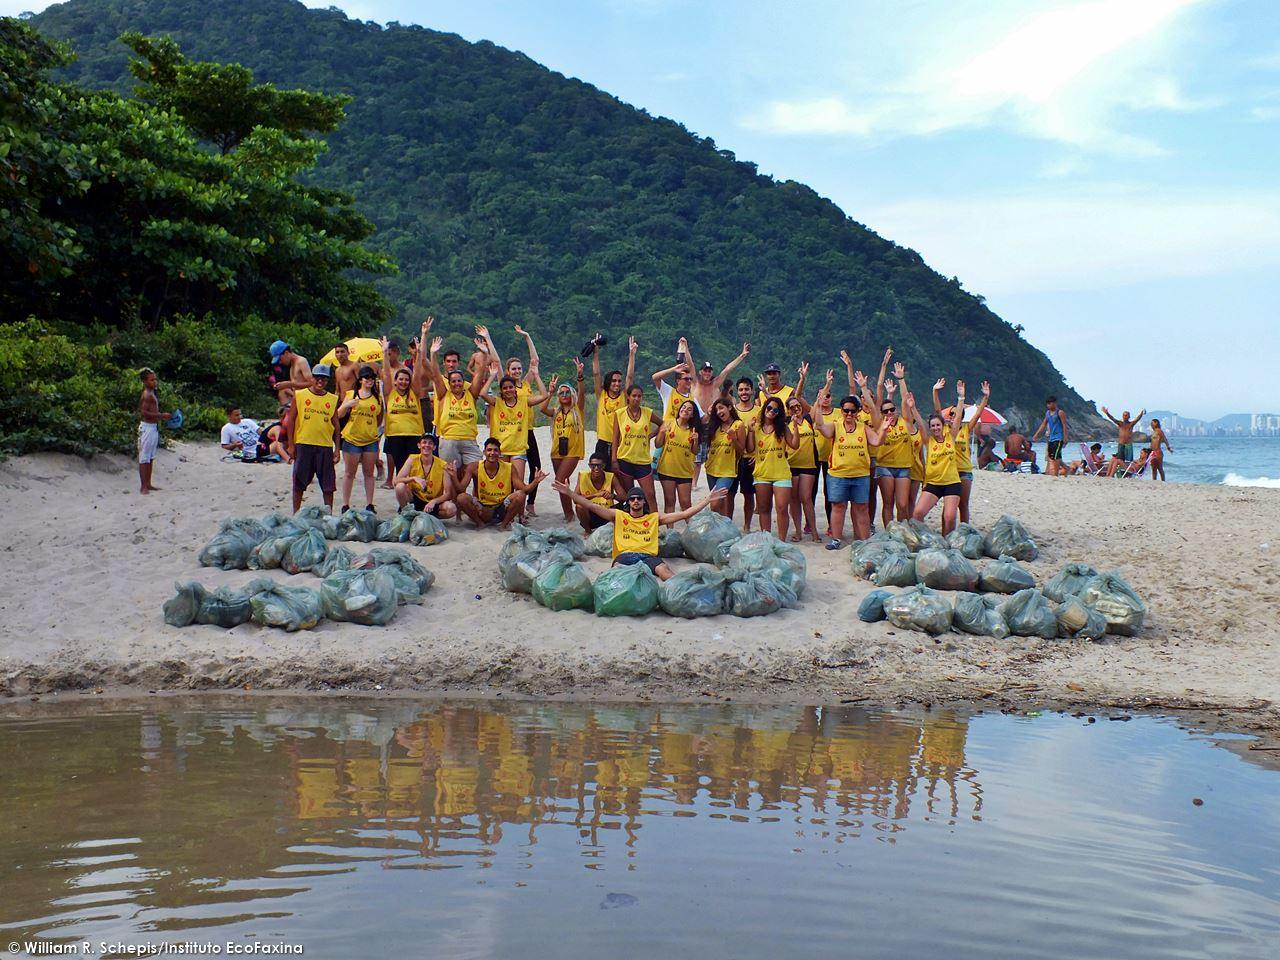 Voluntários posam para foto após coletarem 153 kg de resíduos da praia de Itaquitanduva, em São Vicente